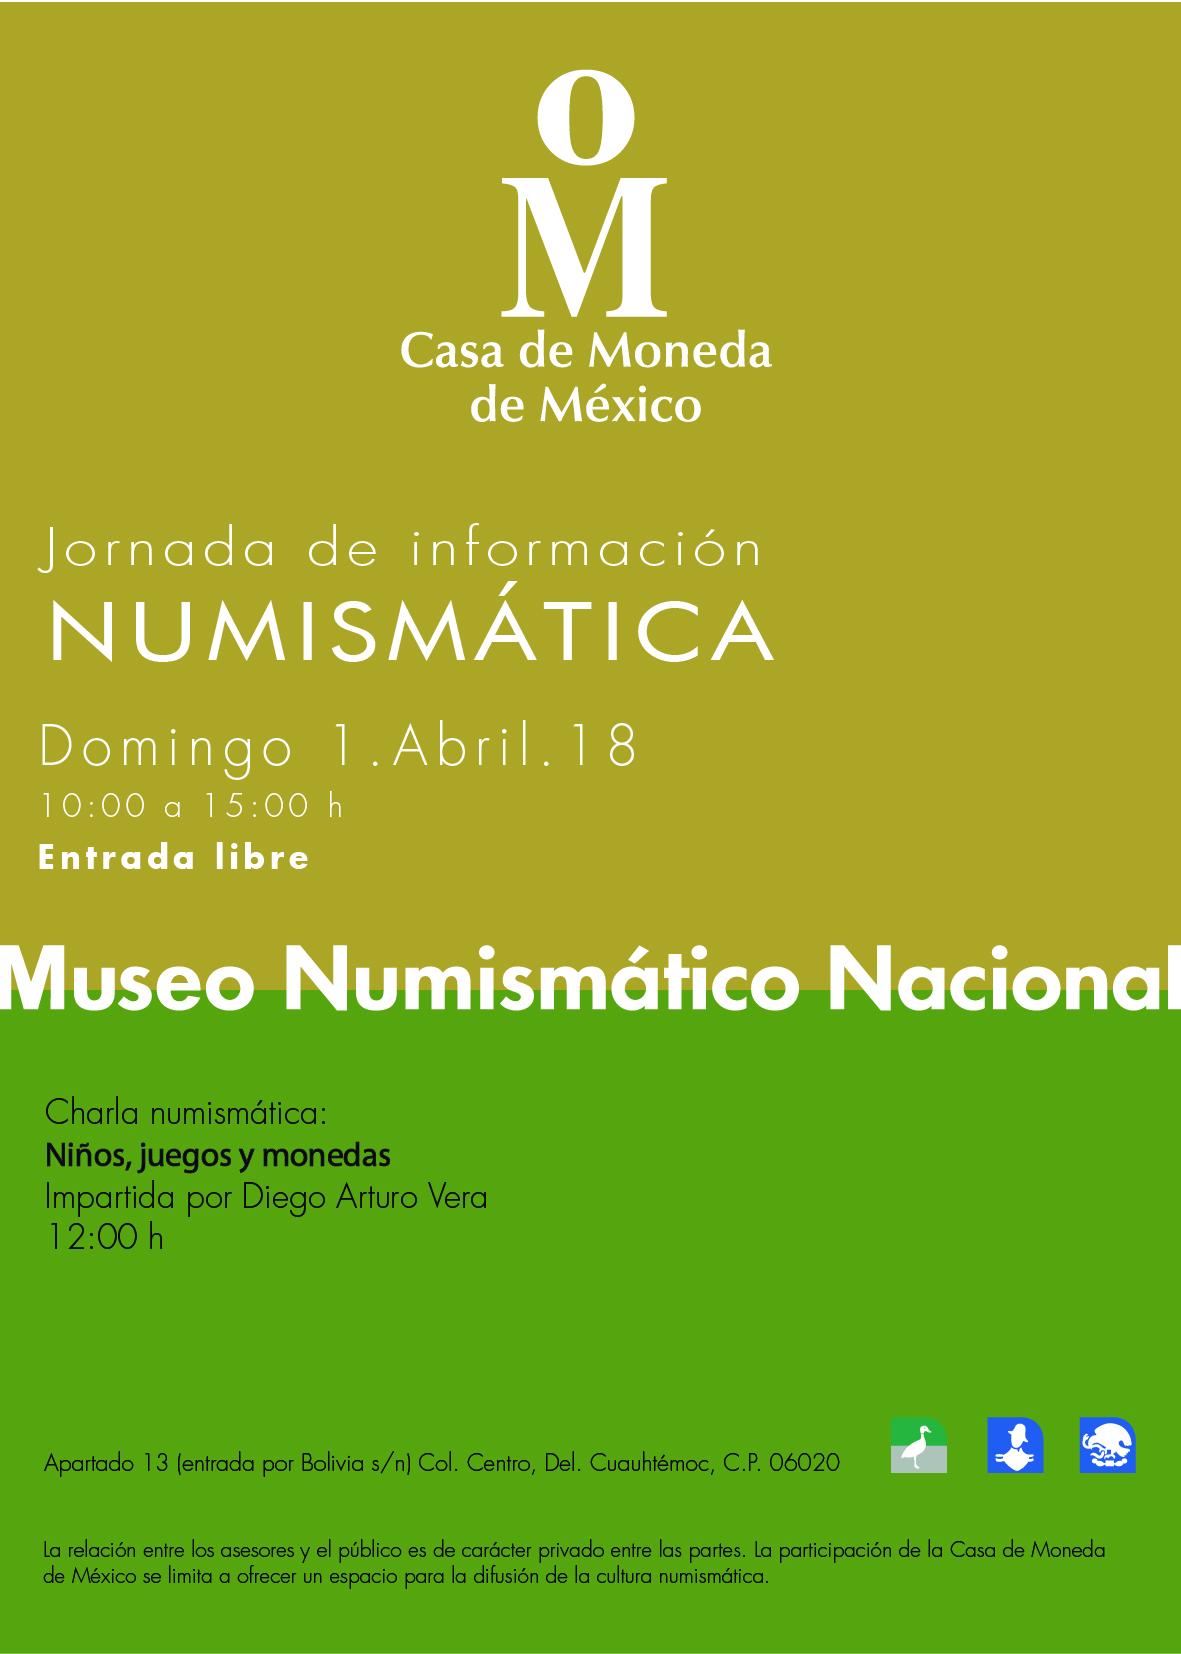 Jornada de Información Numismática de abril